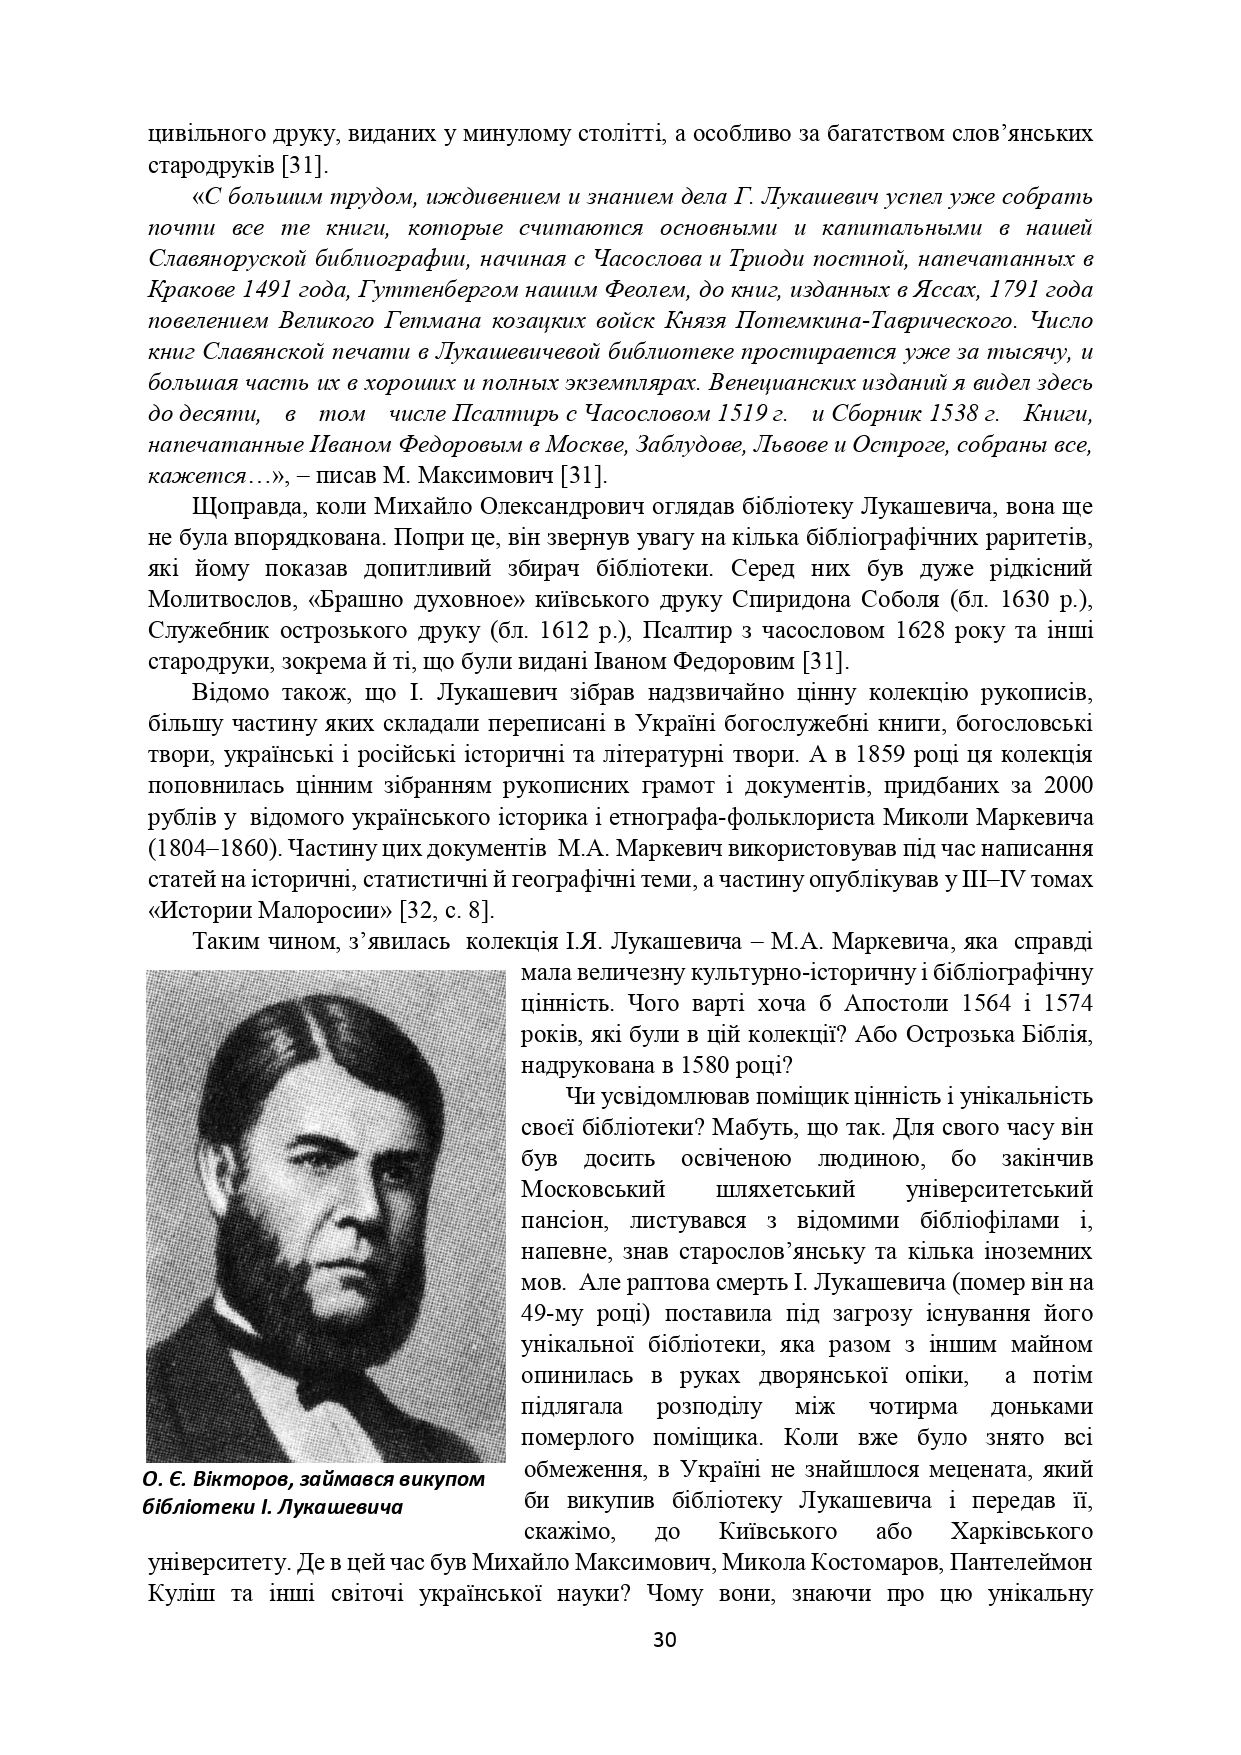 ІСТОРІЯ СЕЛА КОНОНІВКА 2021 (1)_page-0030